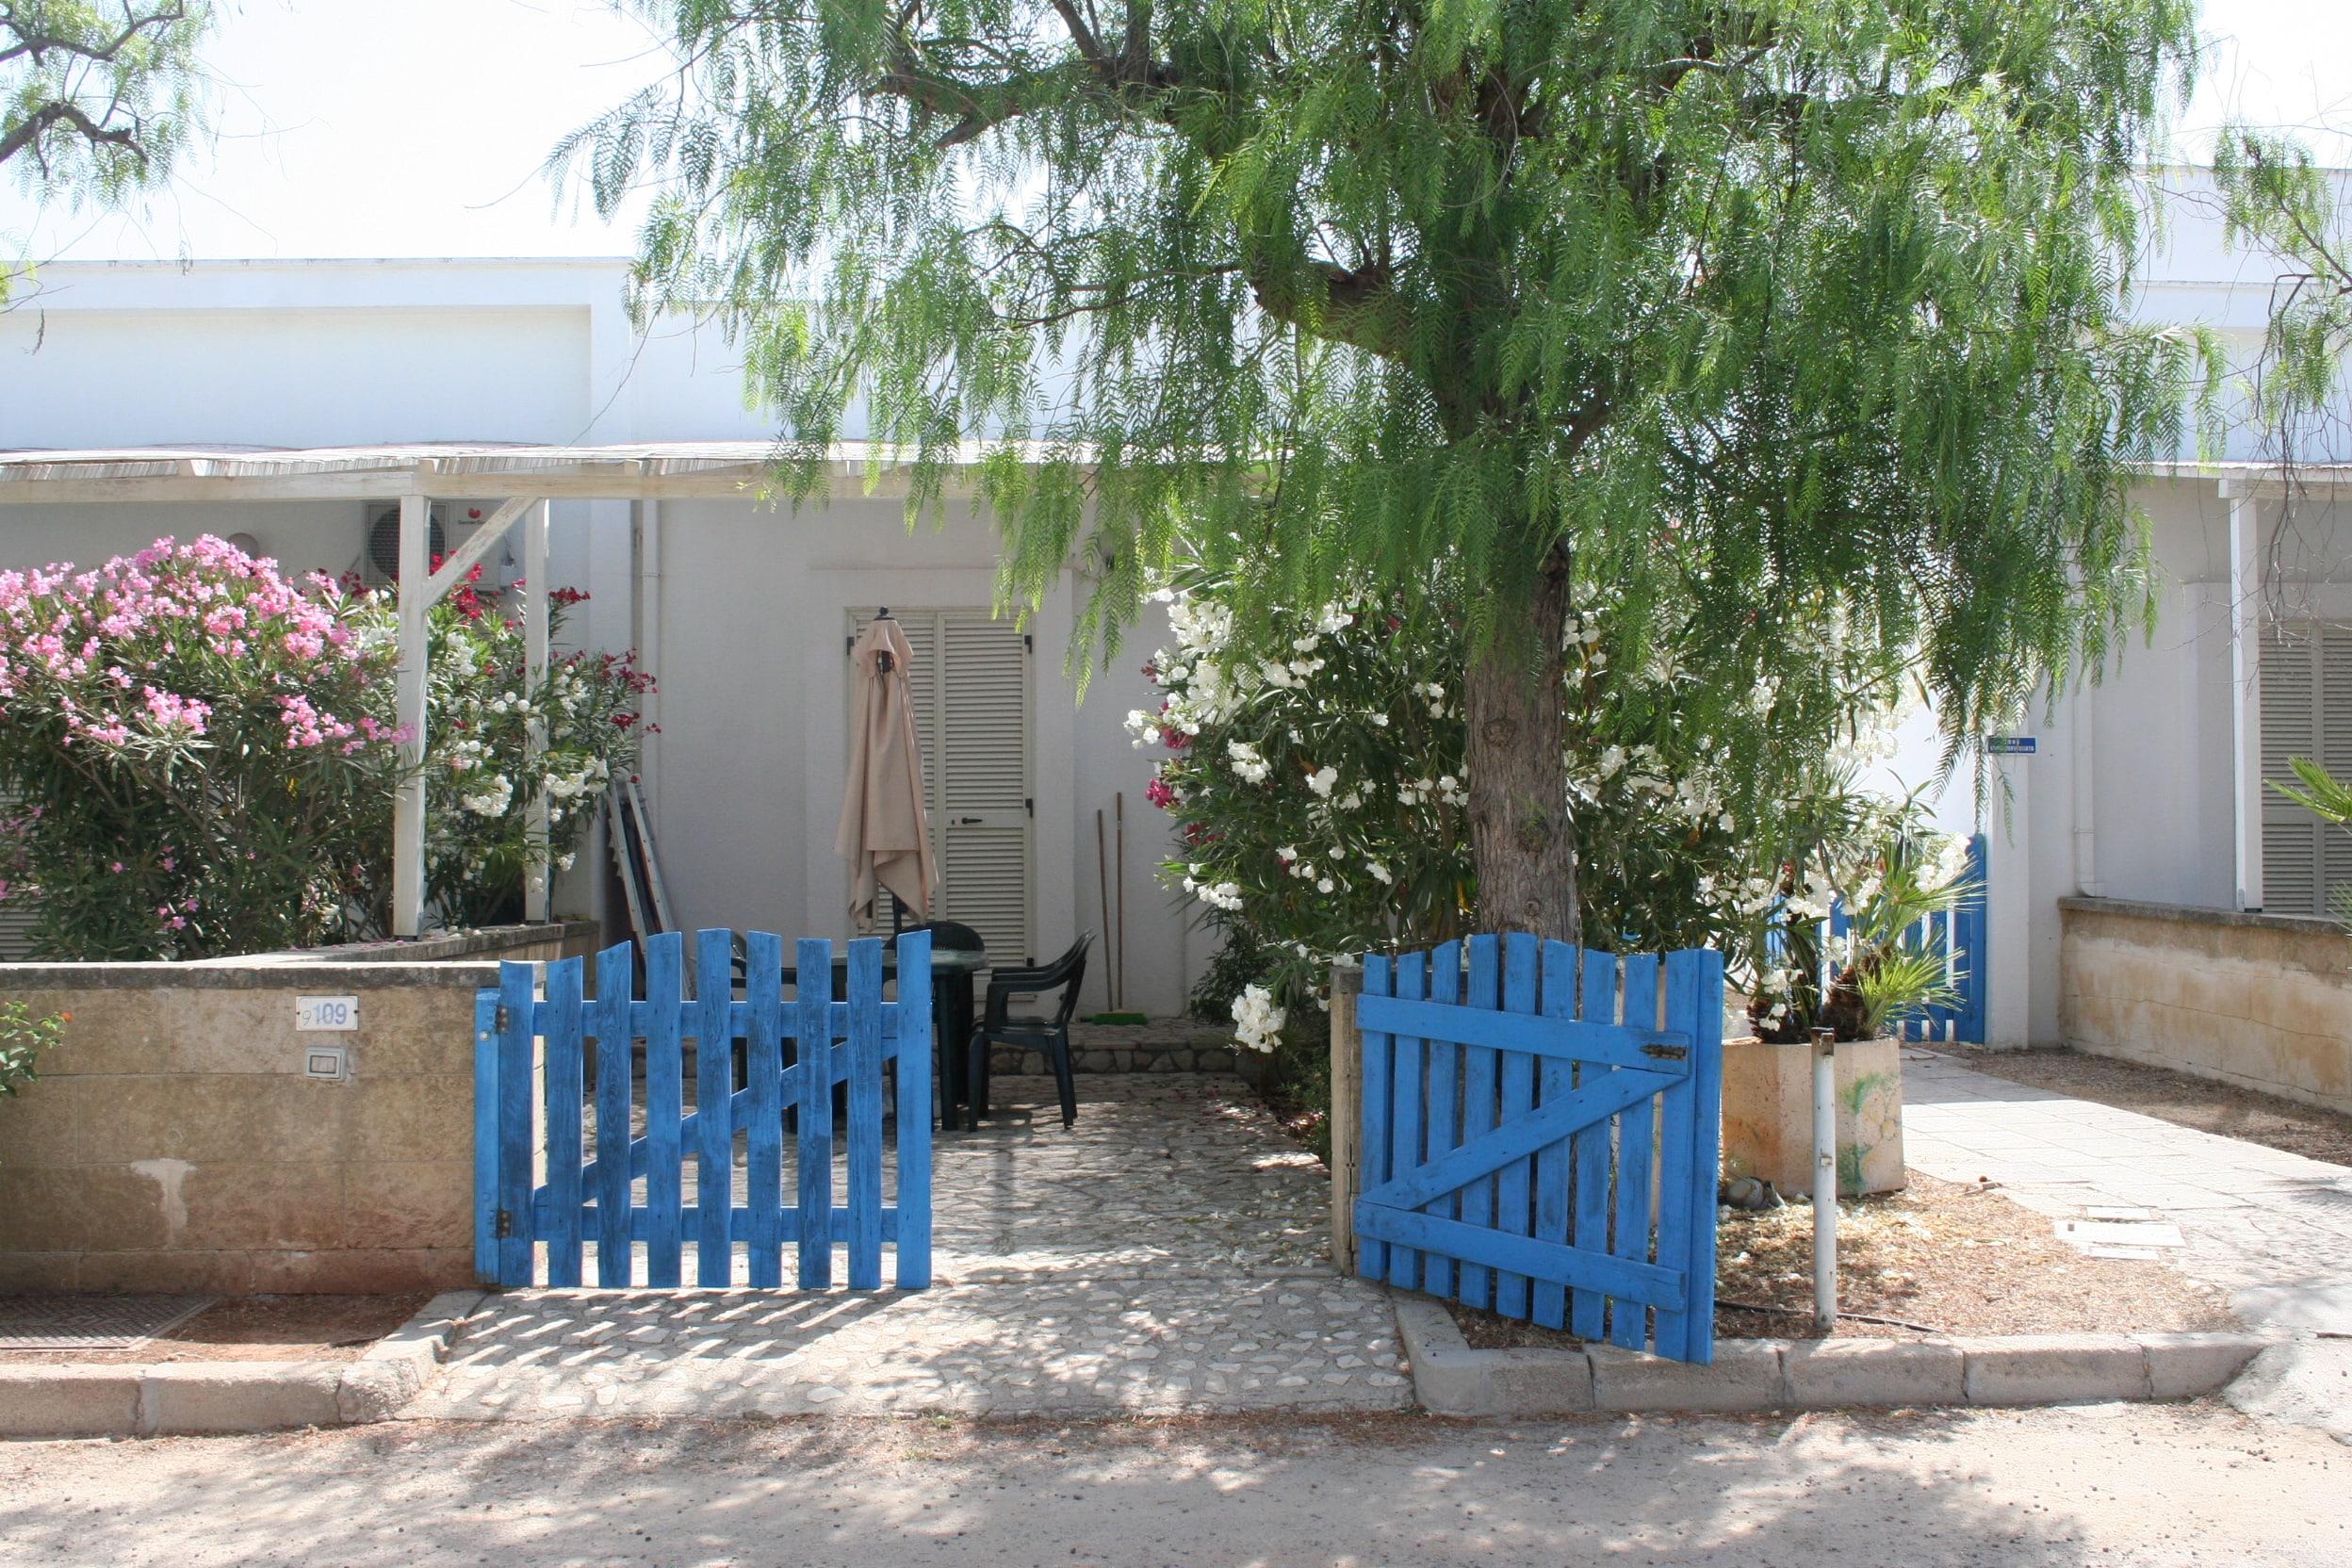 Multiproprietà all'interno del residence Baia D'oro